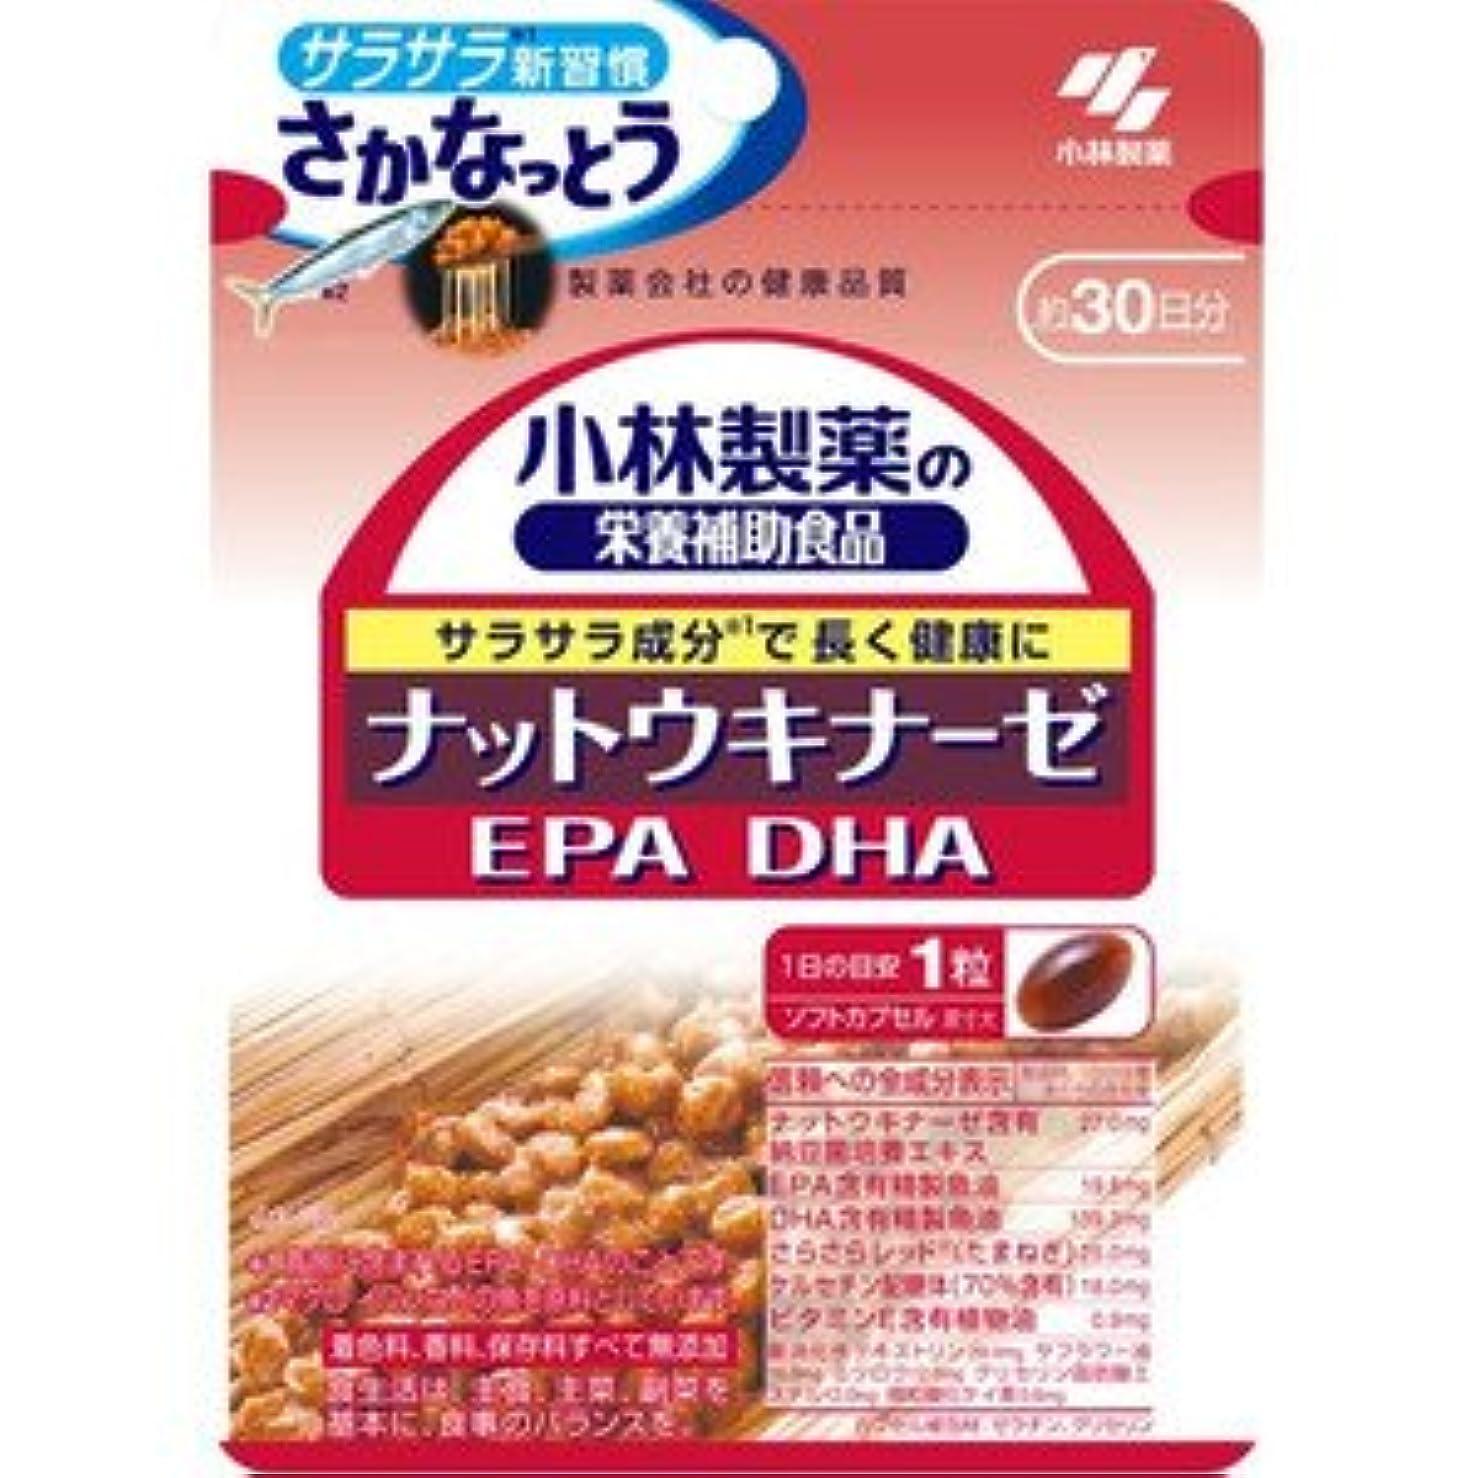 手首苦しめる陽気な【小林製薬】ナットウキナーゼ (EPA/DHA) 30粒(お買い得3個セット)